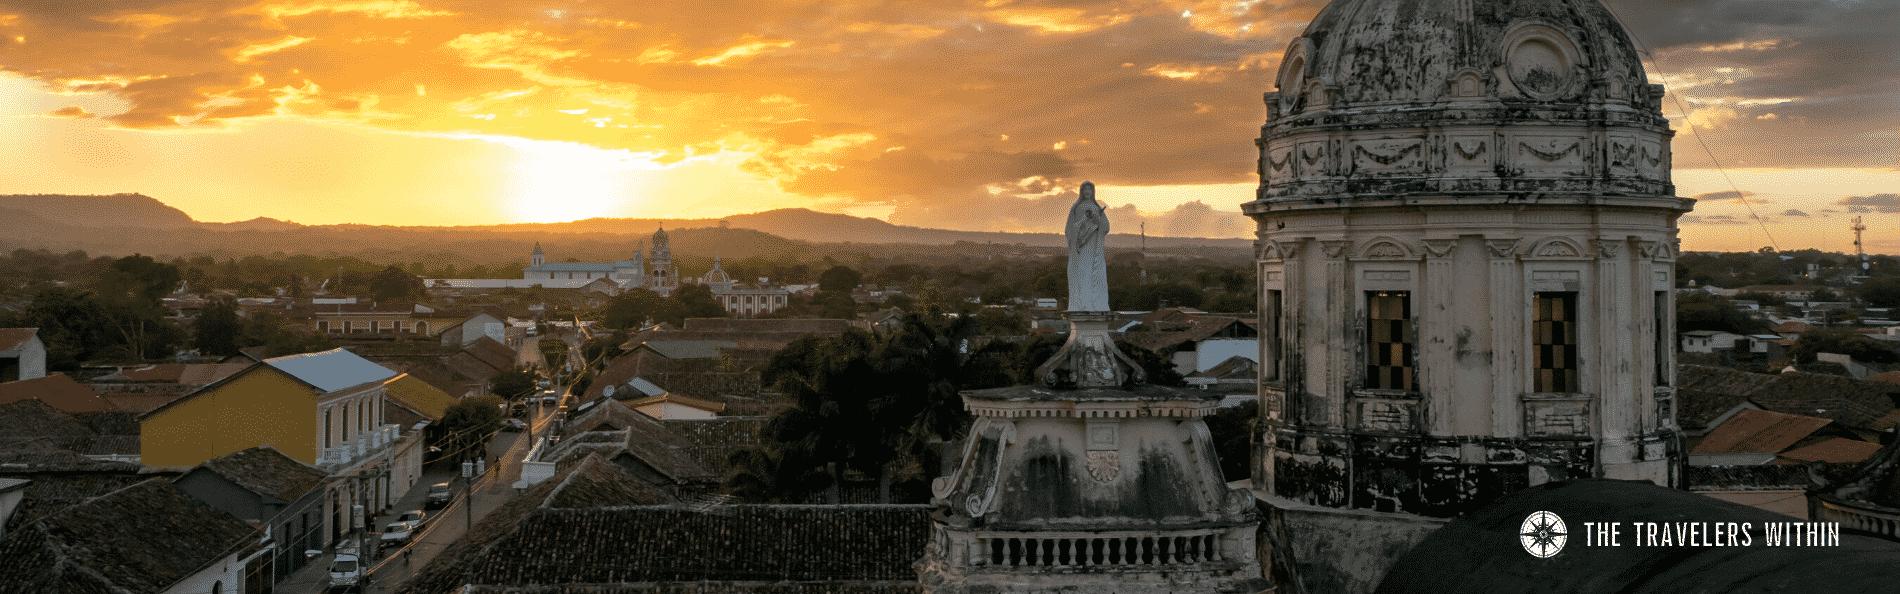 Granada Nicaragua Travel